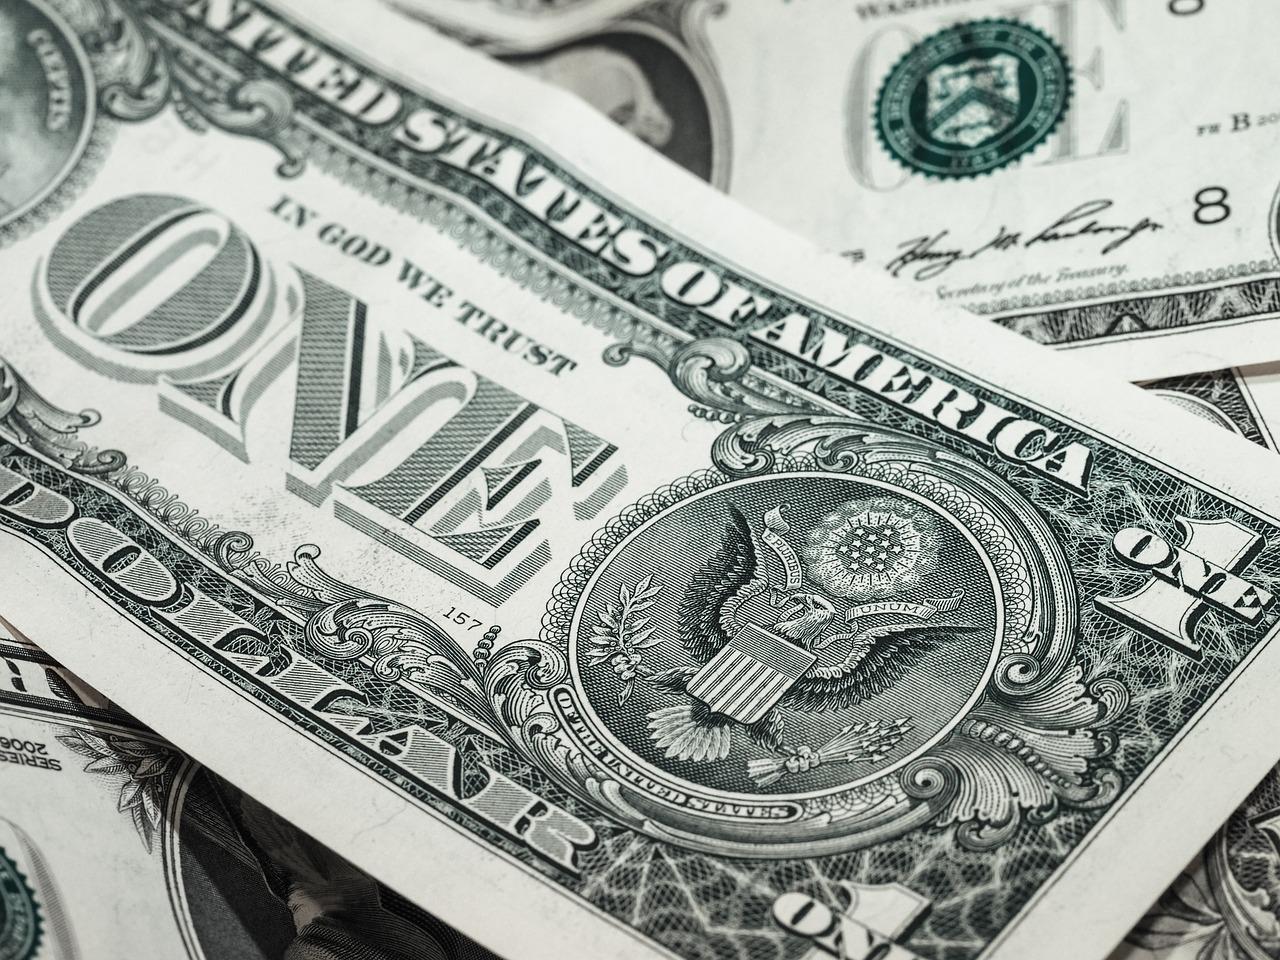 教育資金の15万円を運用中の個人向け国債(変動10年)の利金が入金されました!